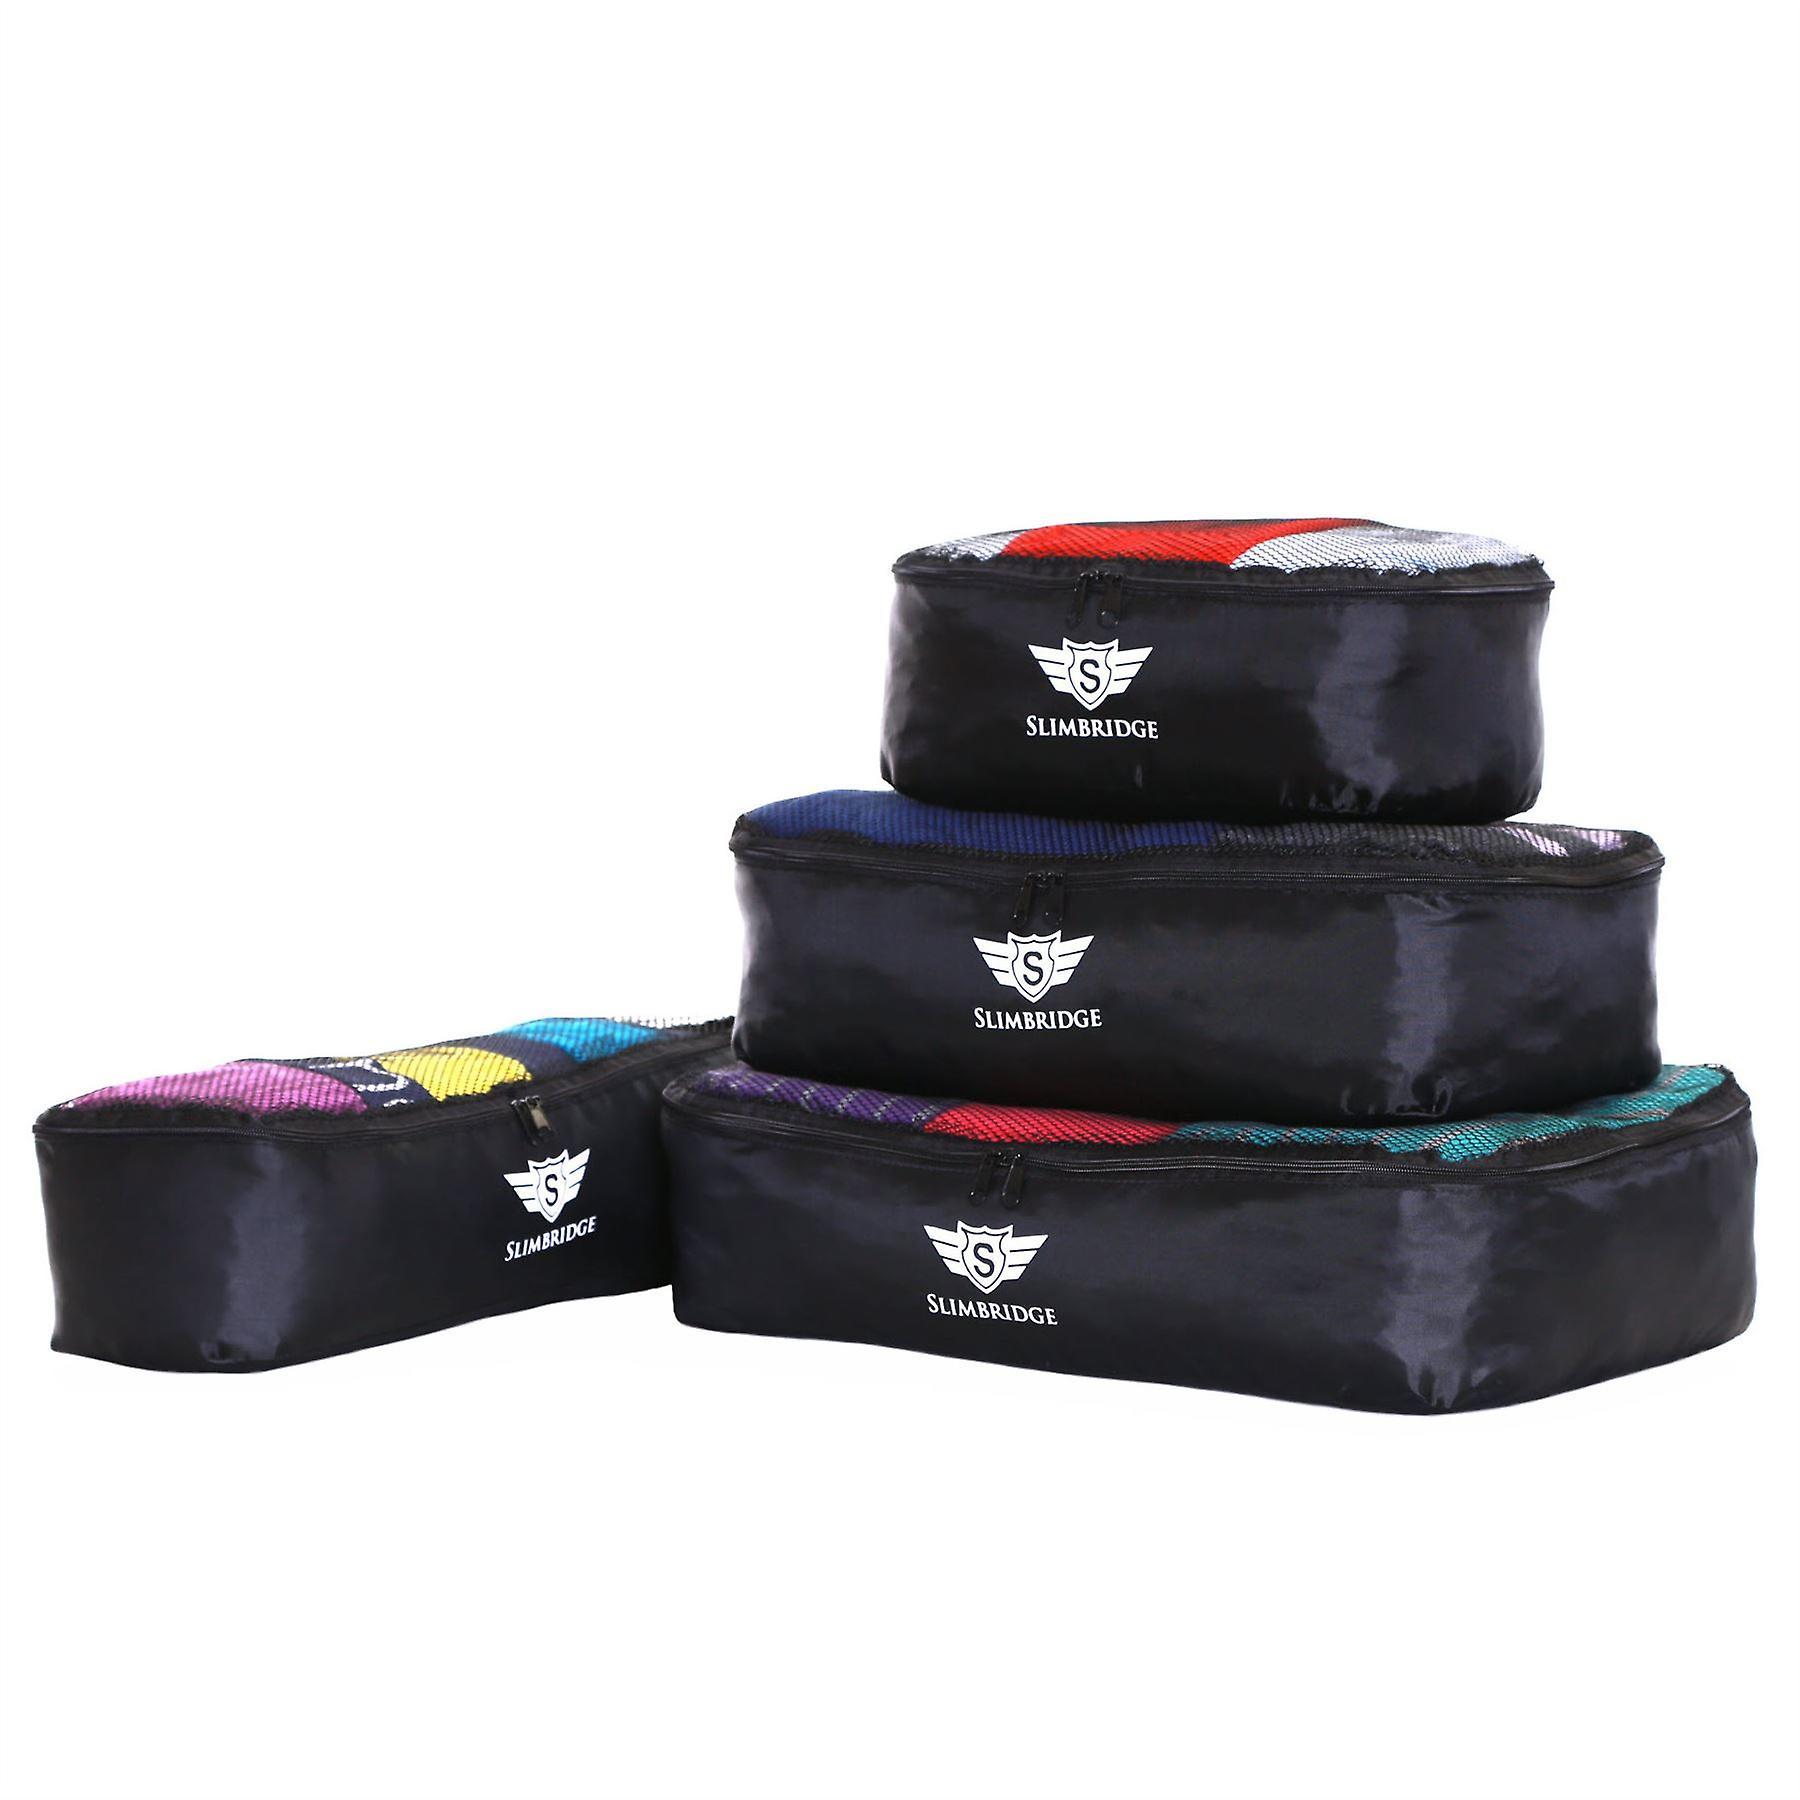 Slimbridge Milan Set of 4 Packing Cubes, Black